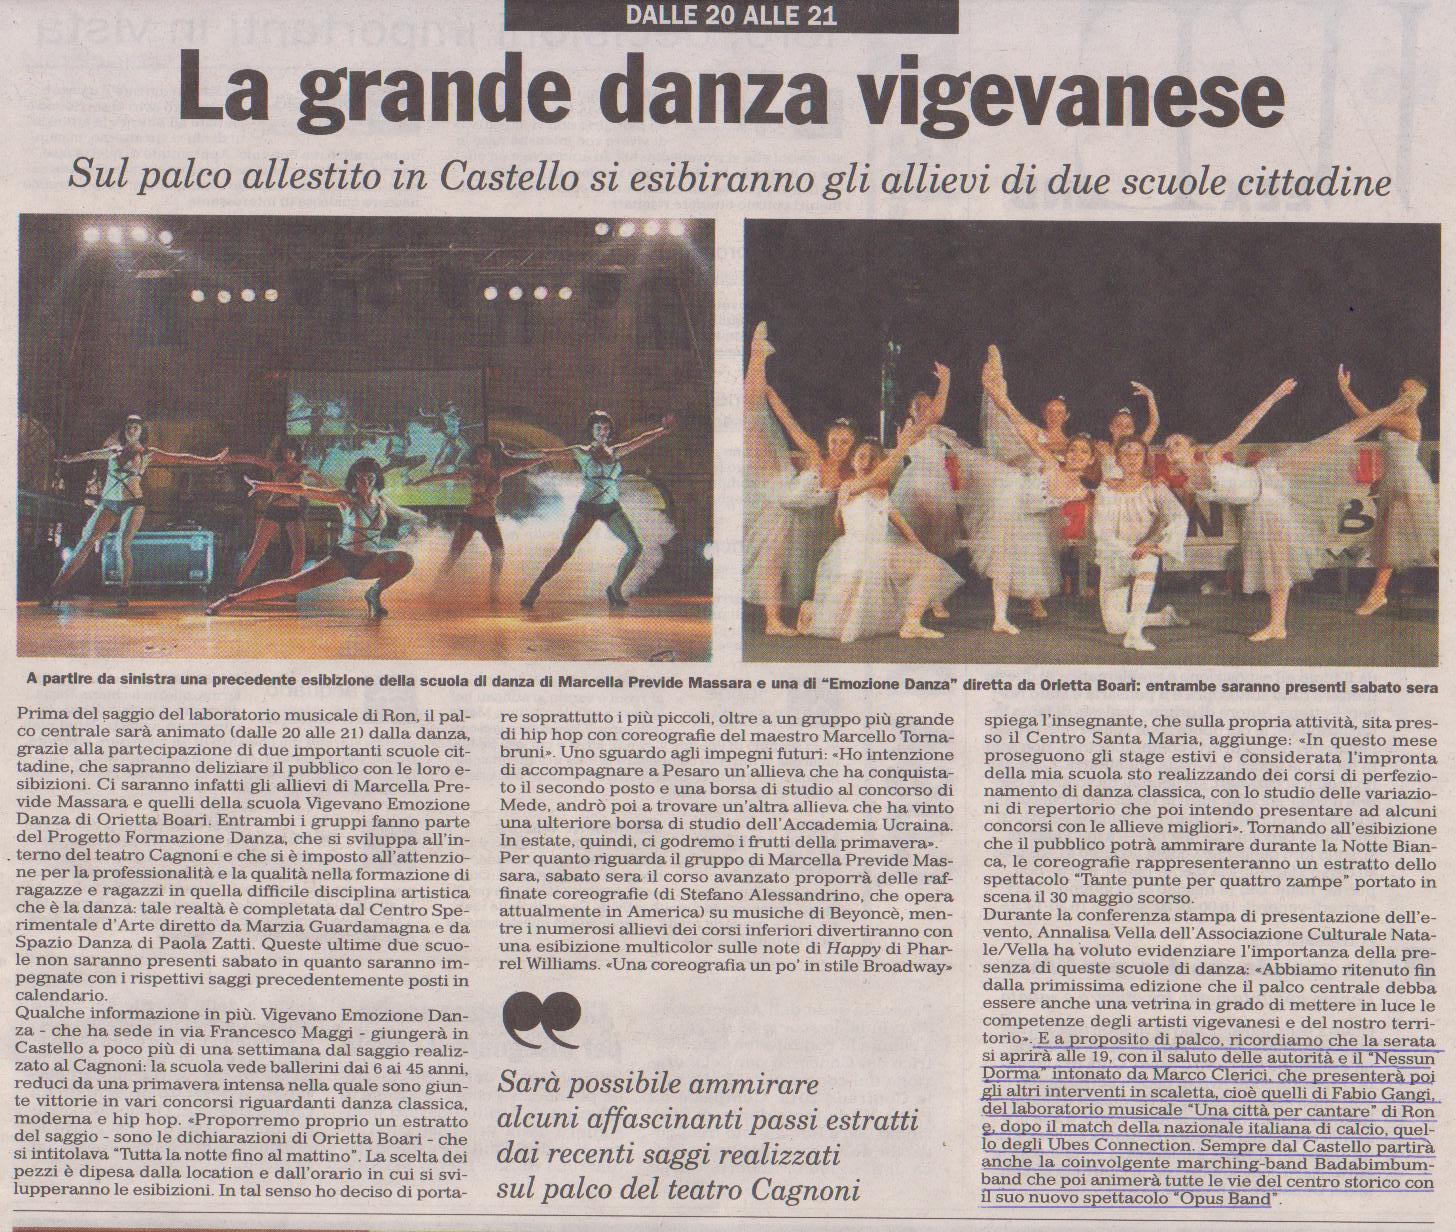 La Grande Danza e la presentazione di Marco Clerici